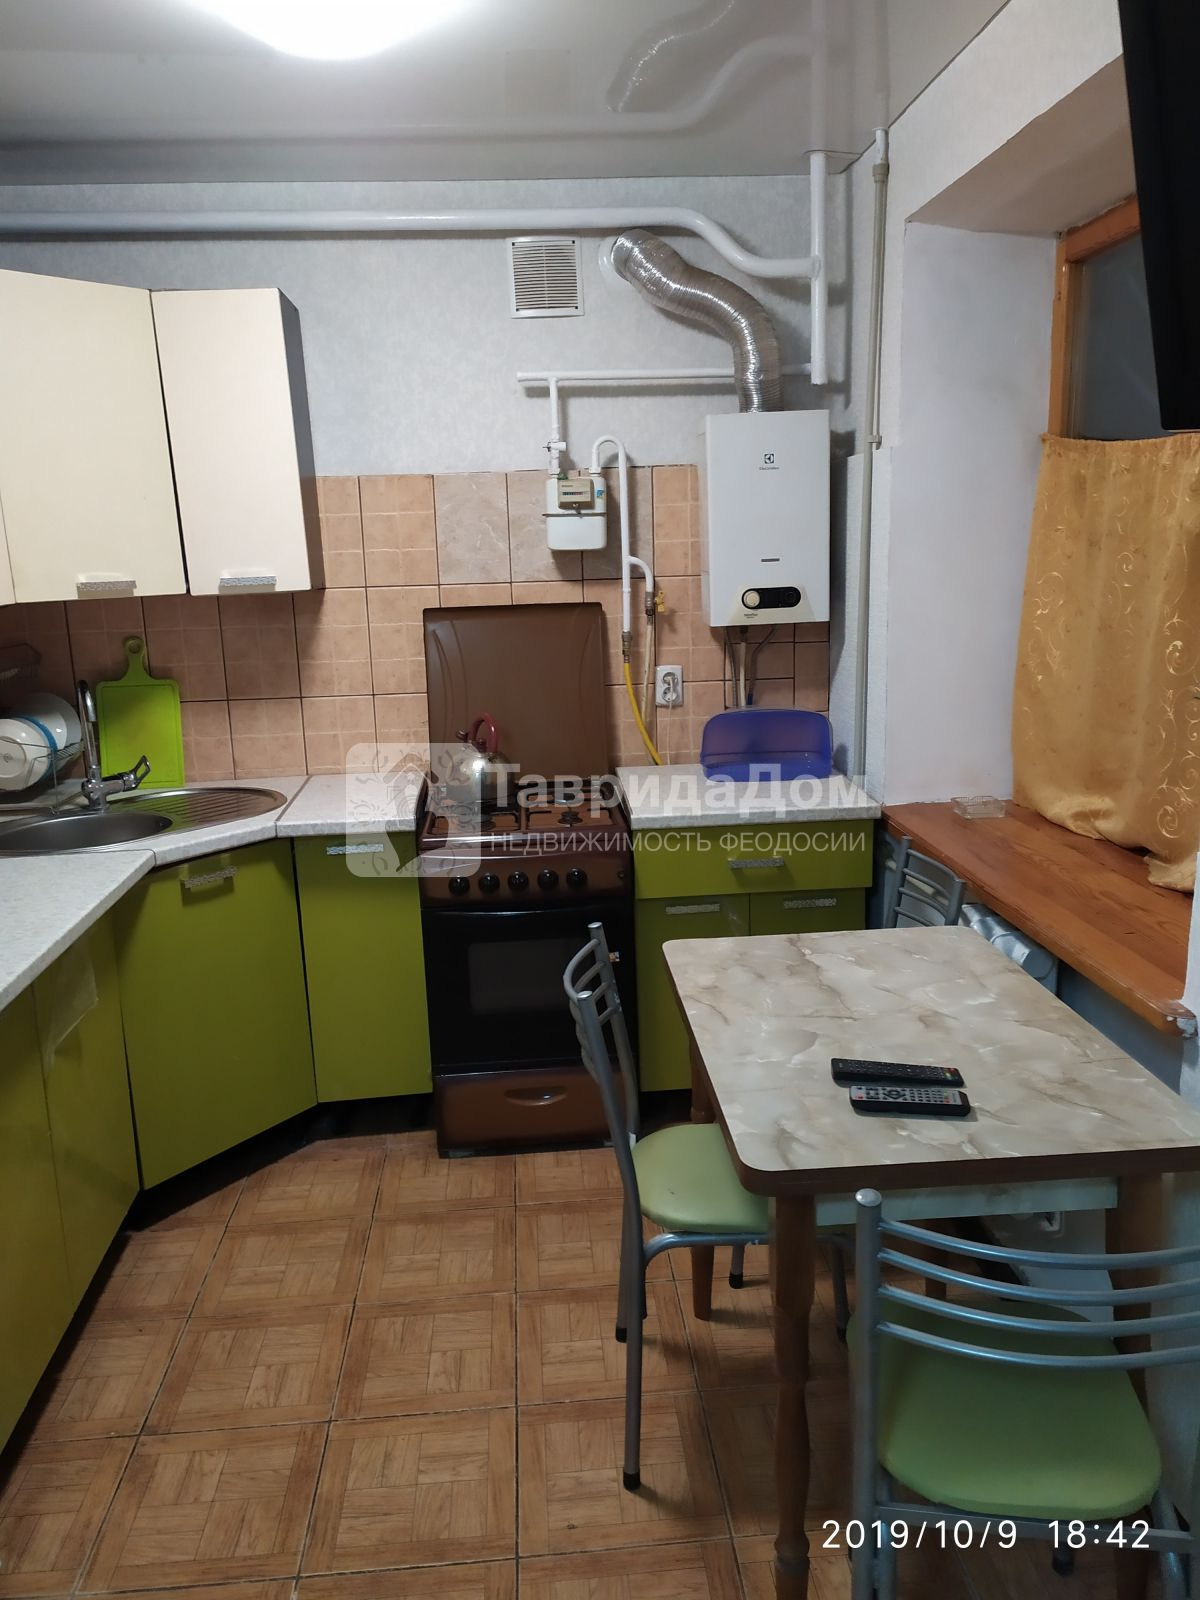 Квартира в аренду по адресу Россия, Крым Респ, Феодосия, Федько ул, 47